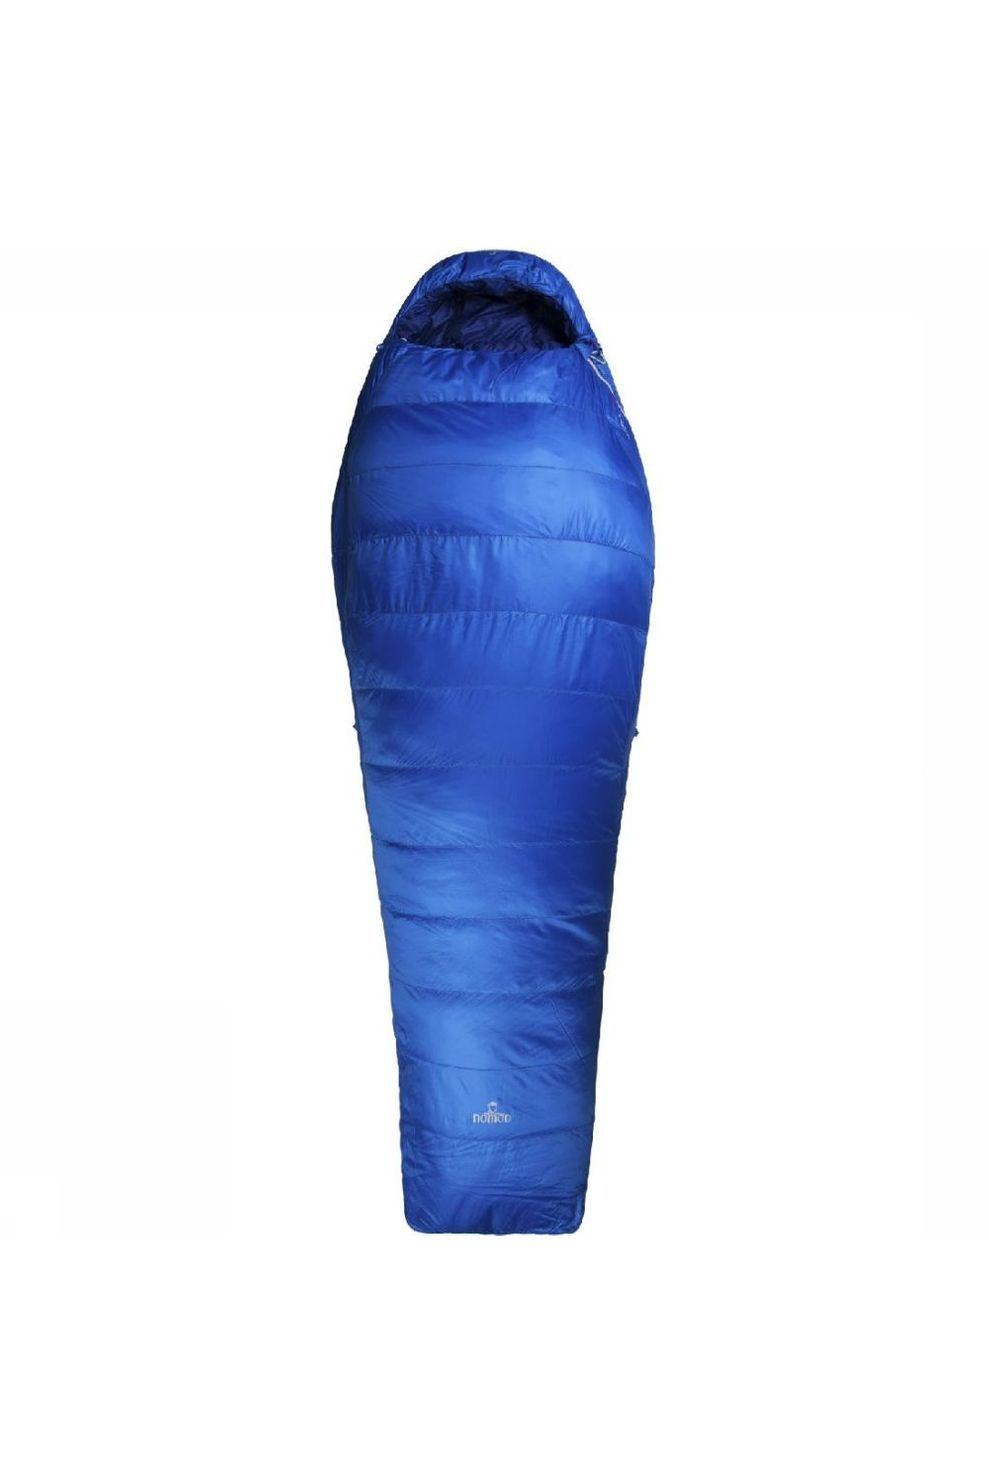 Nomad Slaapzak Pegasus Comfort 550 - Blauw - Maten: LEFT, RIGHT